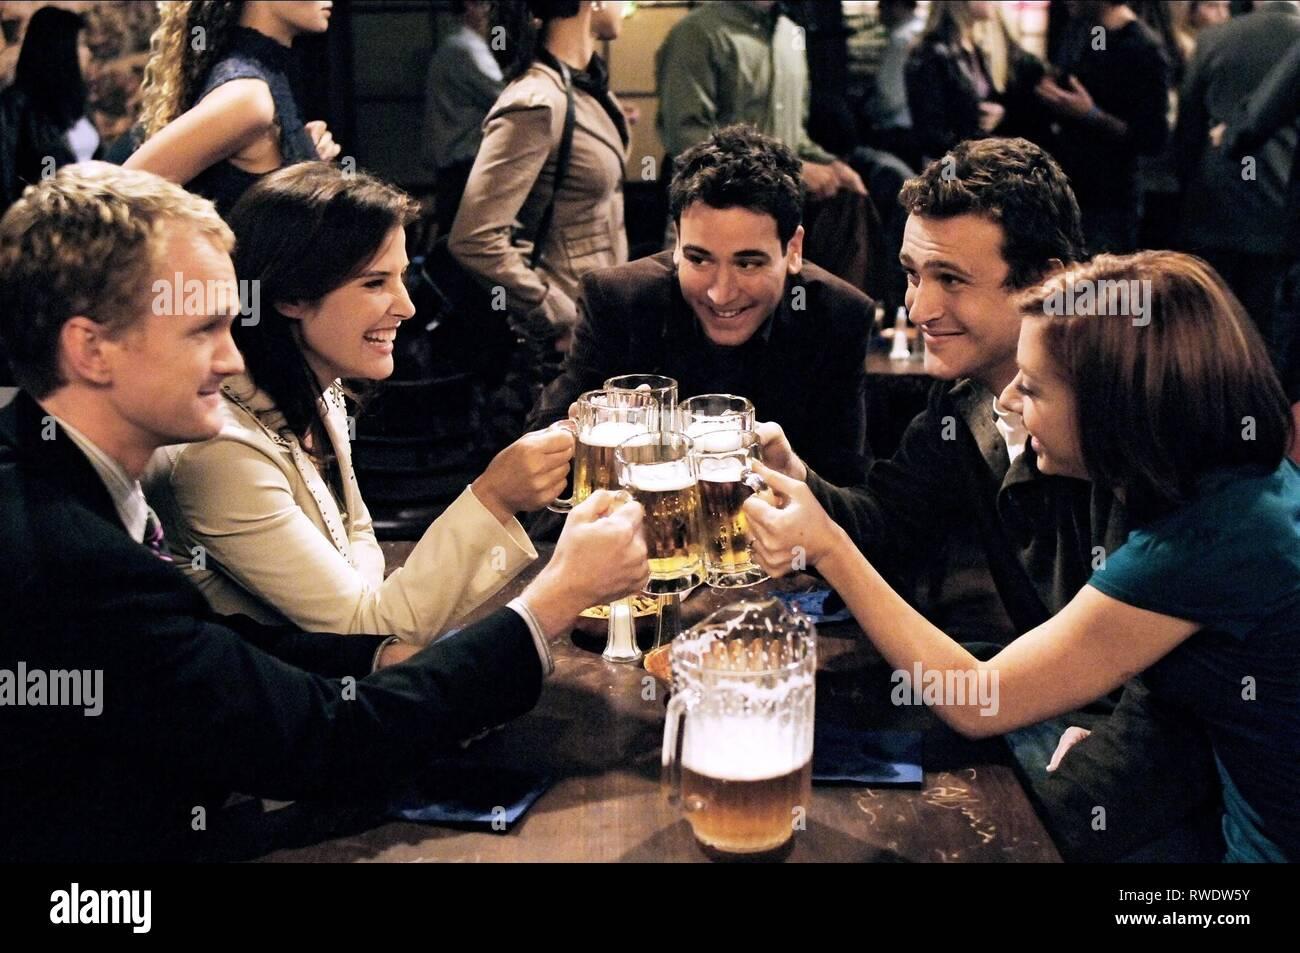 HARRIS,SMULDERS,RADNOR,SEGEL,HANNIGAN, HOW I MET YOUR MOTHER, 2005 - Stock Image